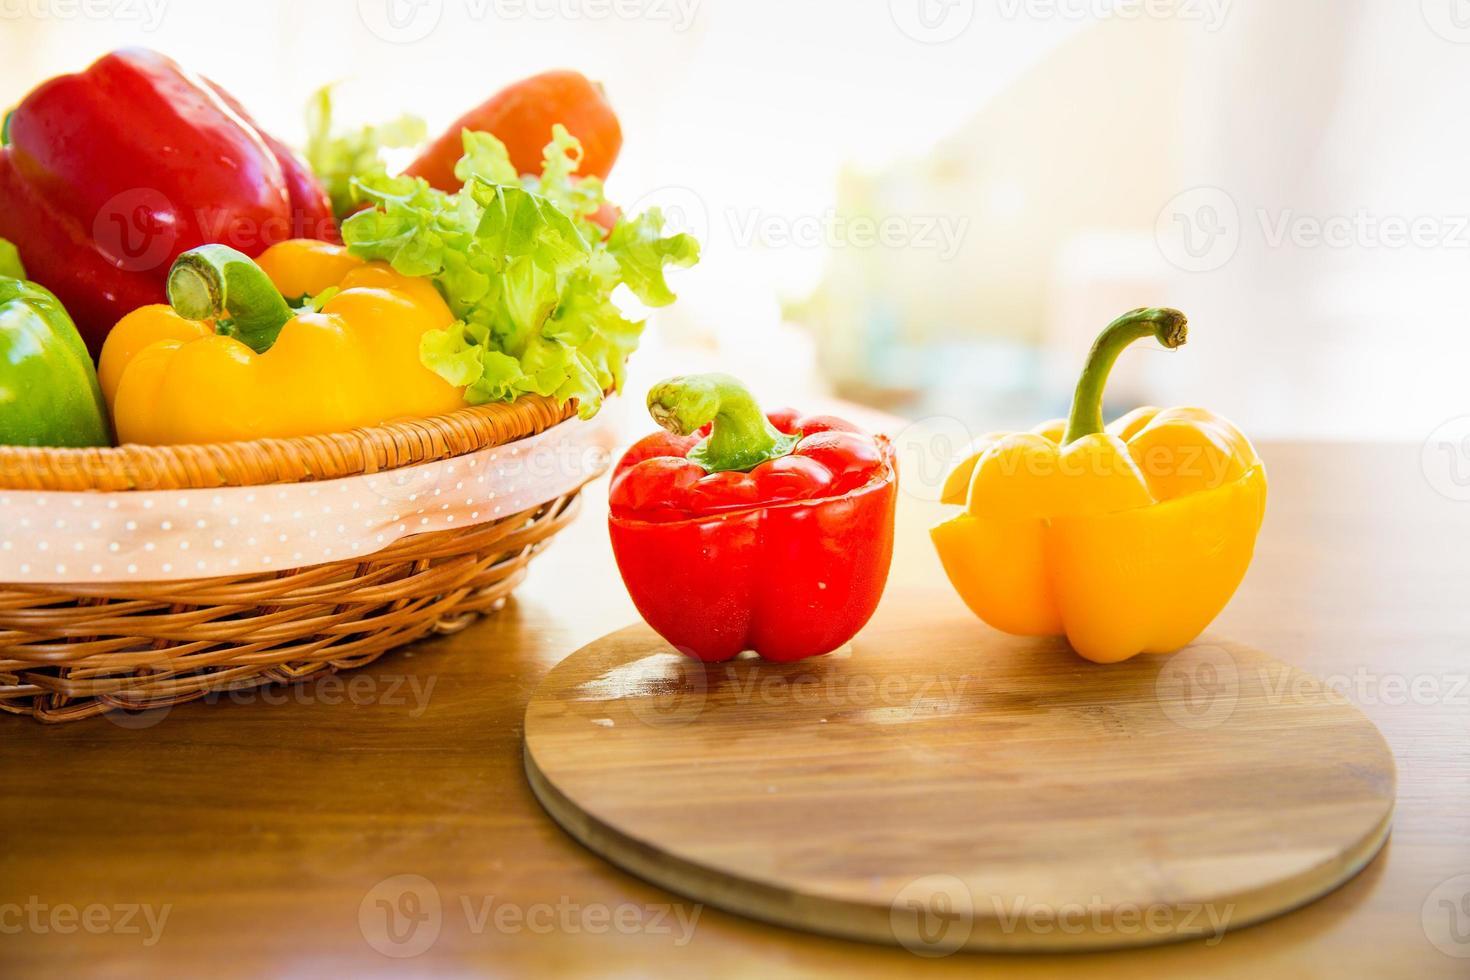 paprika op hakblok met gezonde groente in mand foto